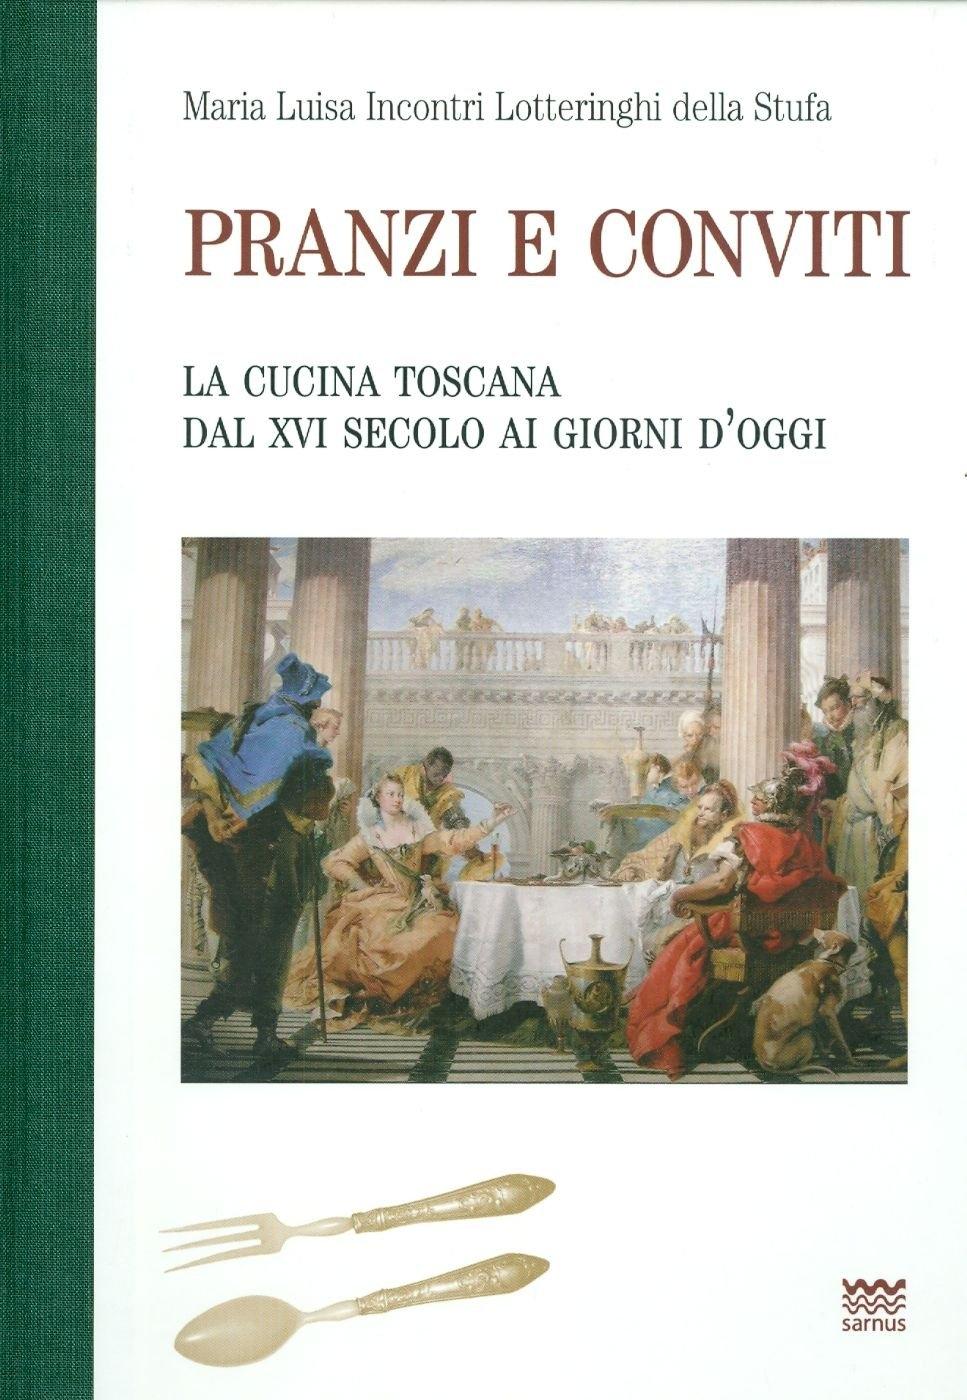 Pranzi e conviti. La cucina toscana dal XVI secolo ai giorni d'oggi (rist. anast.)